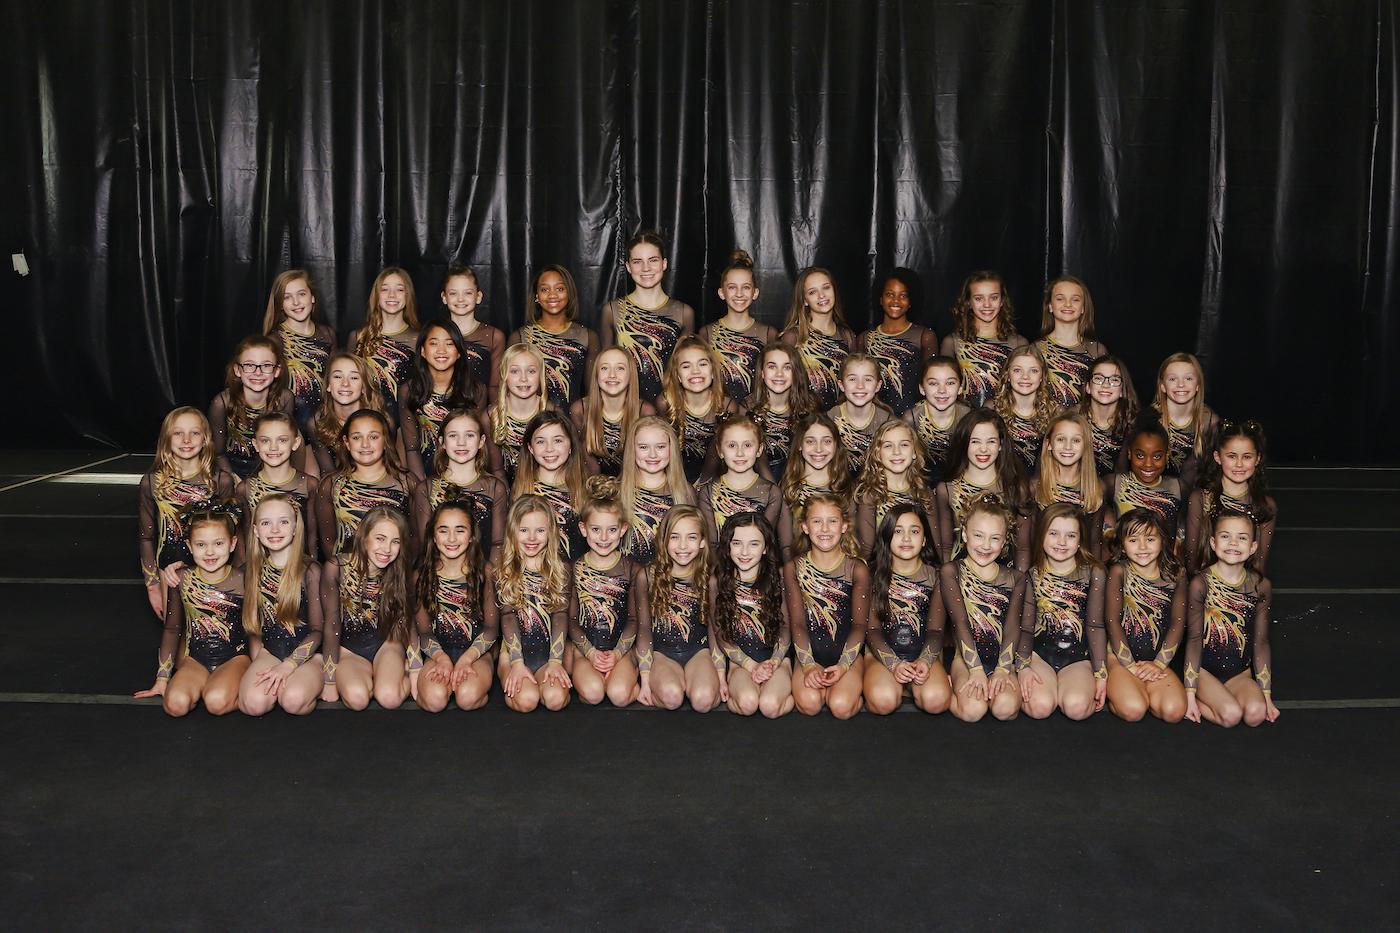 Mount Juliet Elite Gymnastics Team